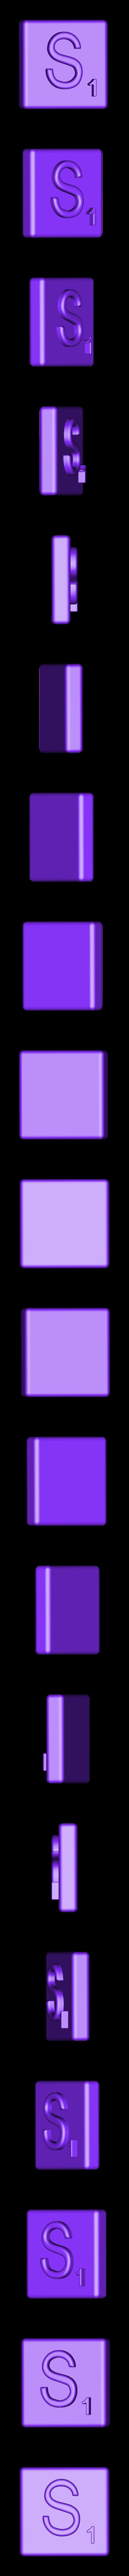 Single_Extruded_S.STL Télécharger fichier STL gratuit Pièces et support SCRABBBLE • Design pour imprimante 3D, Balkhagal4D